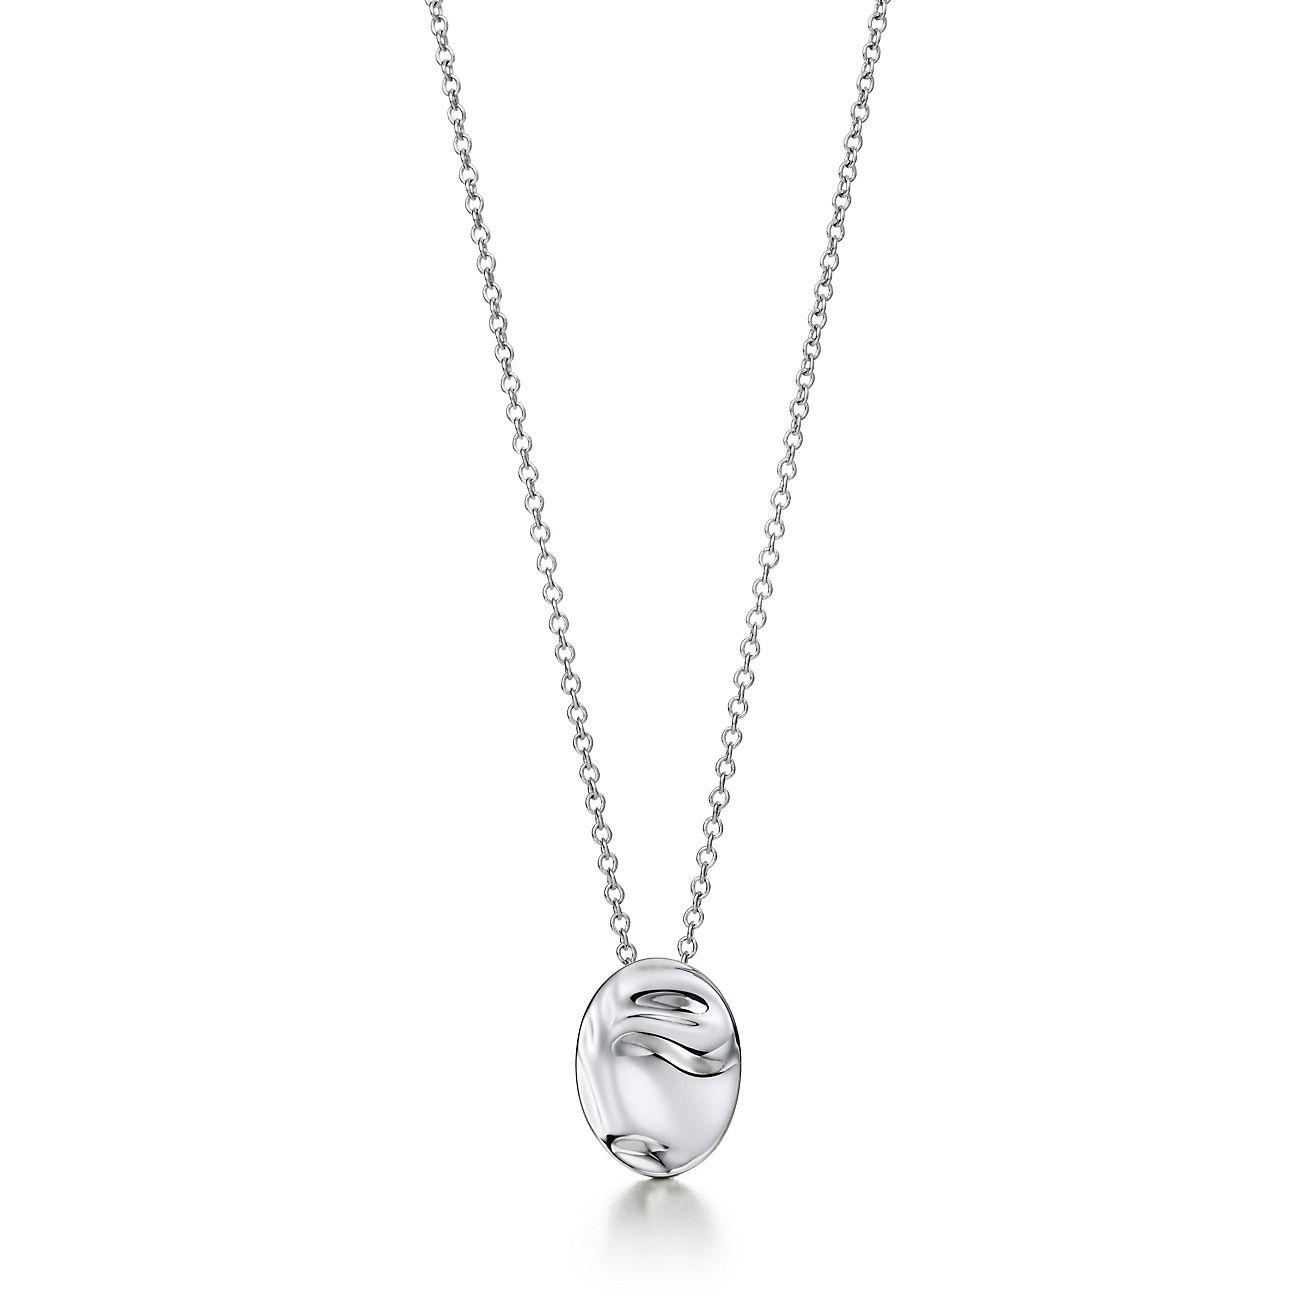 f340a7e1d Ideal Elsa Peretti® Zodiac pendant, Taurus. Sterling silver. | Tiffany & Co